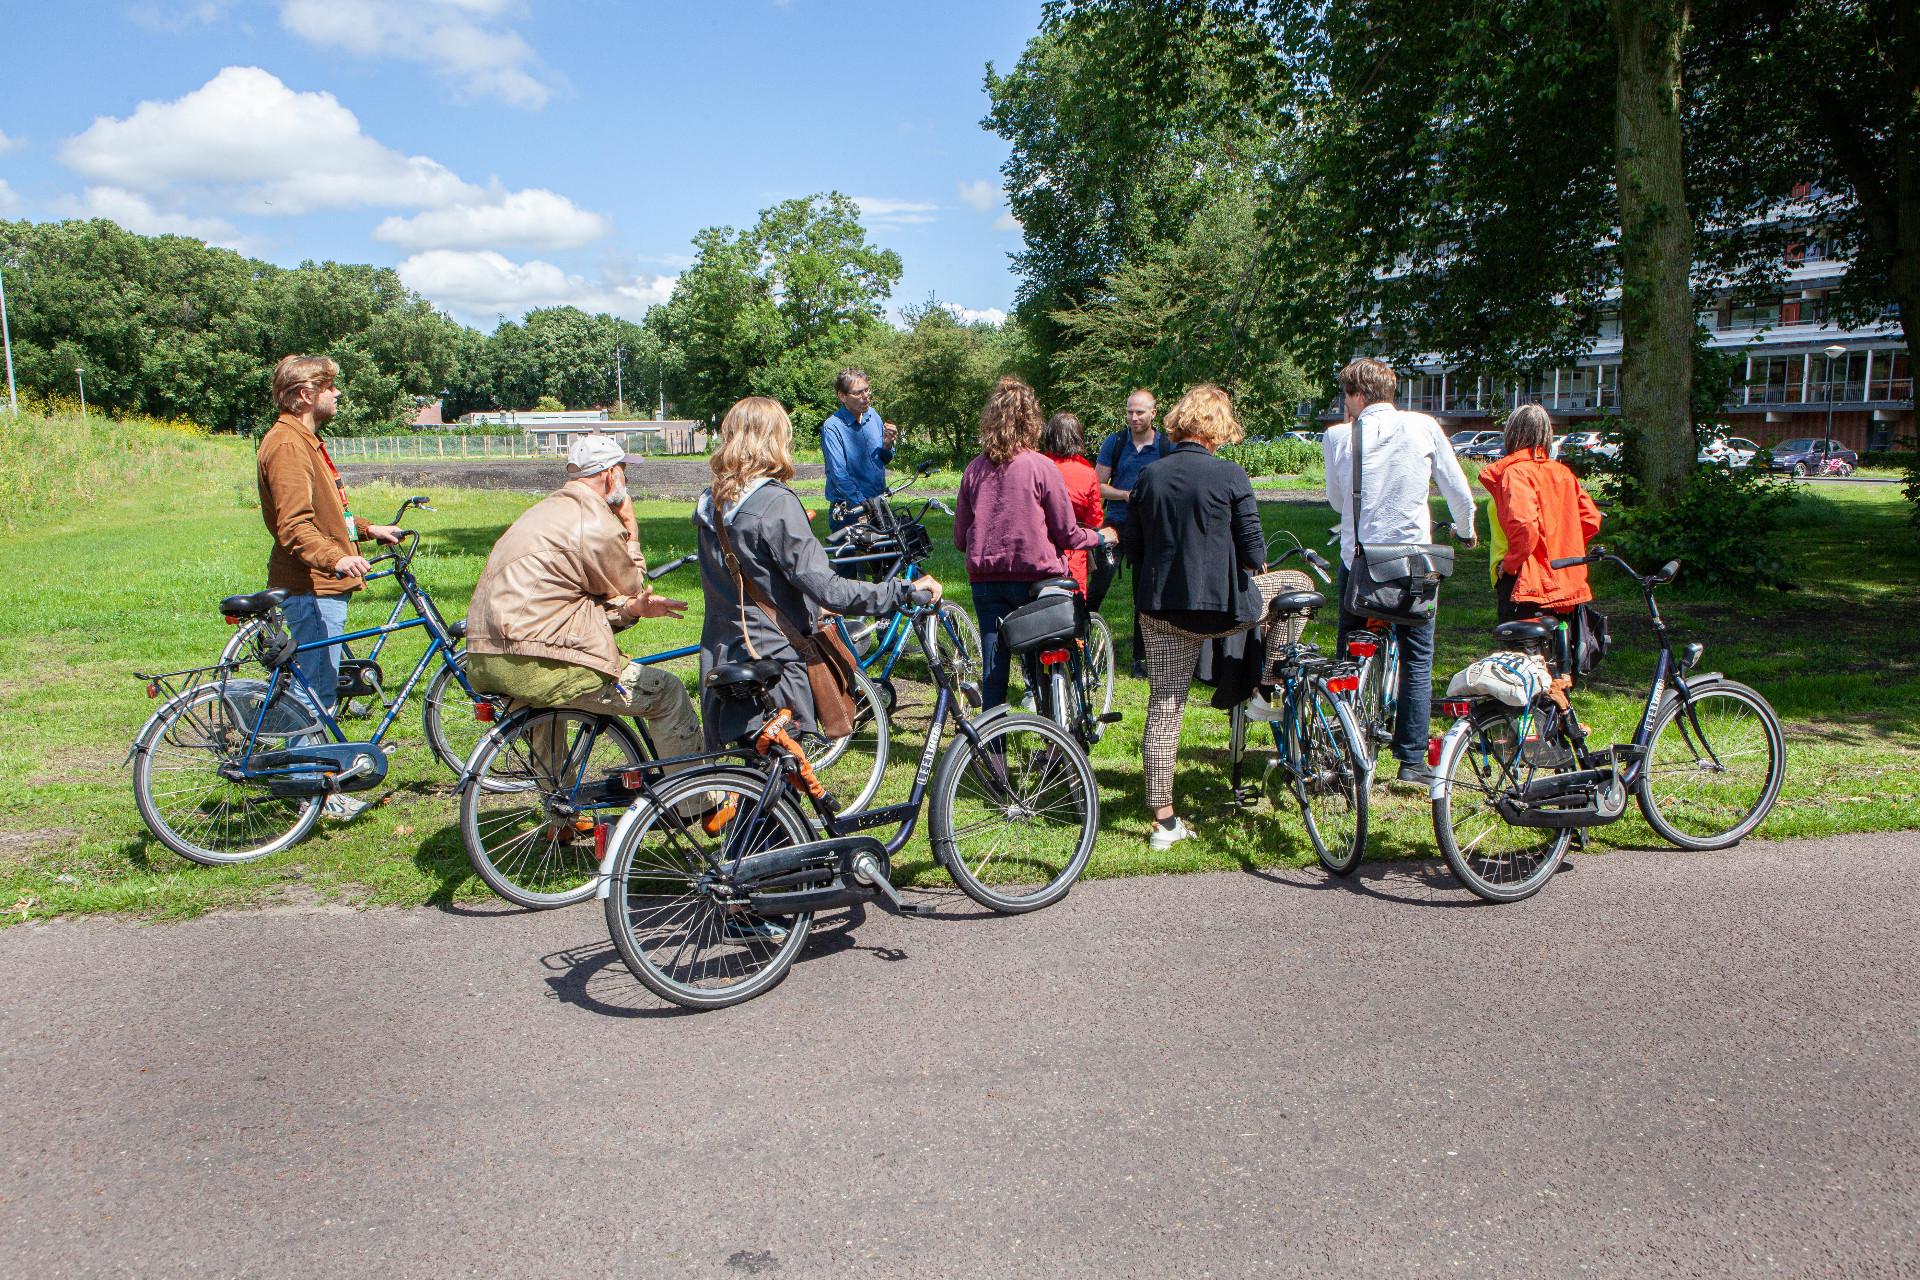 Deelnemers Klimaatakkoord op de fiets voor een route langs duurzame energie-initiatieven in Amsterdam